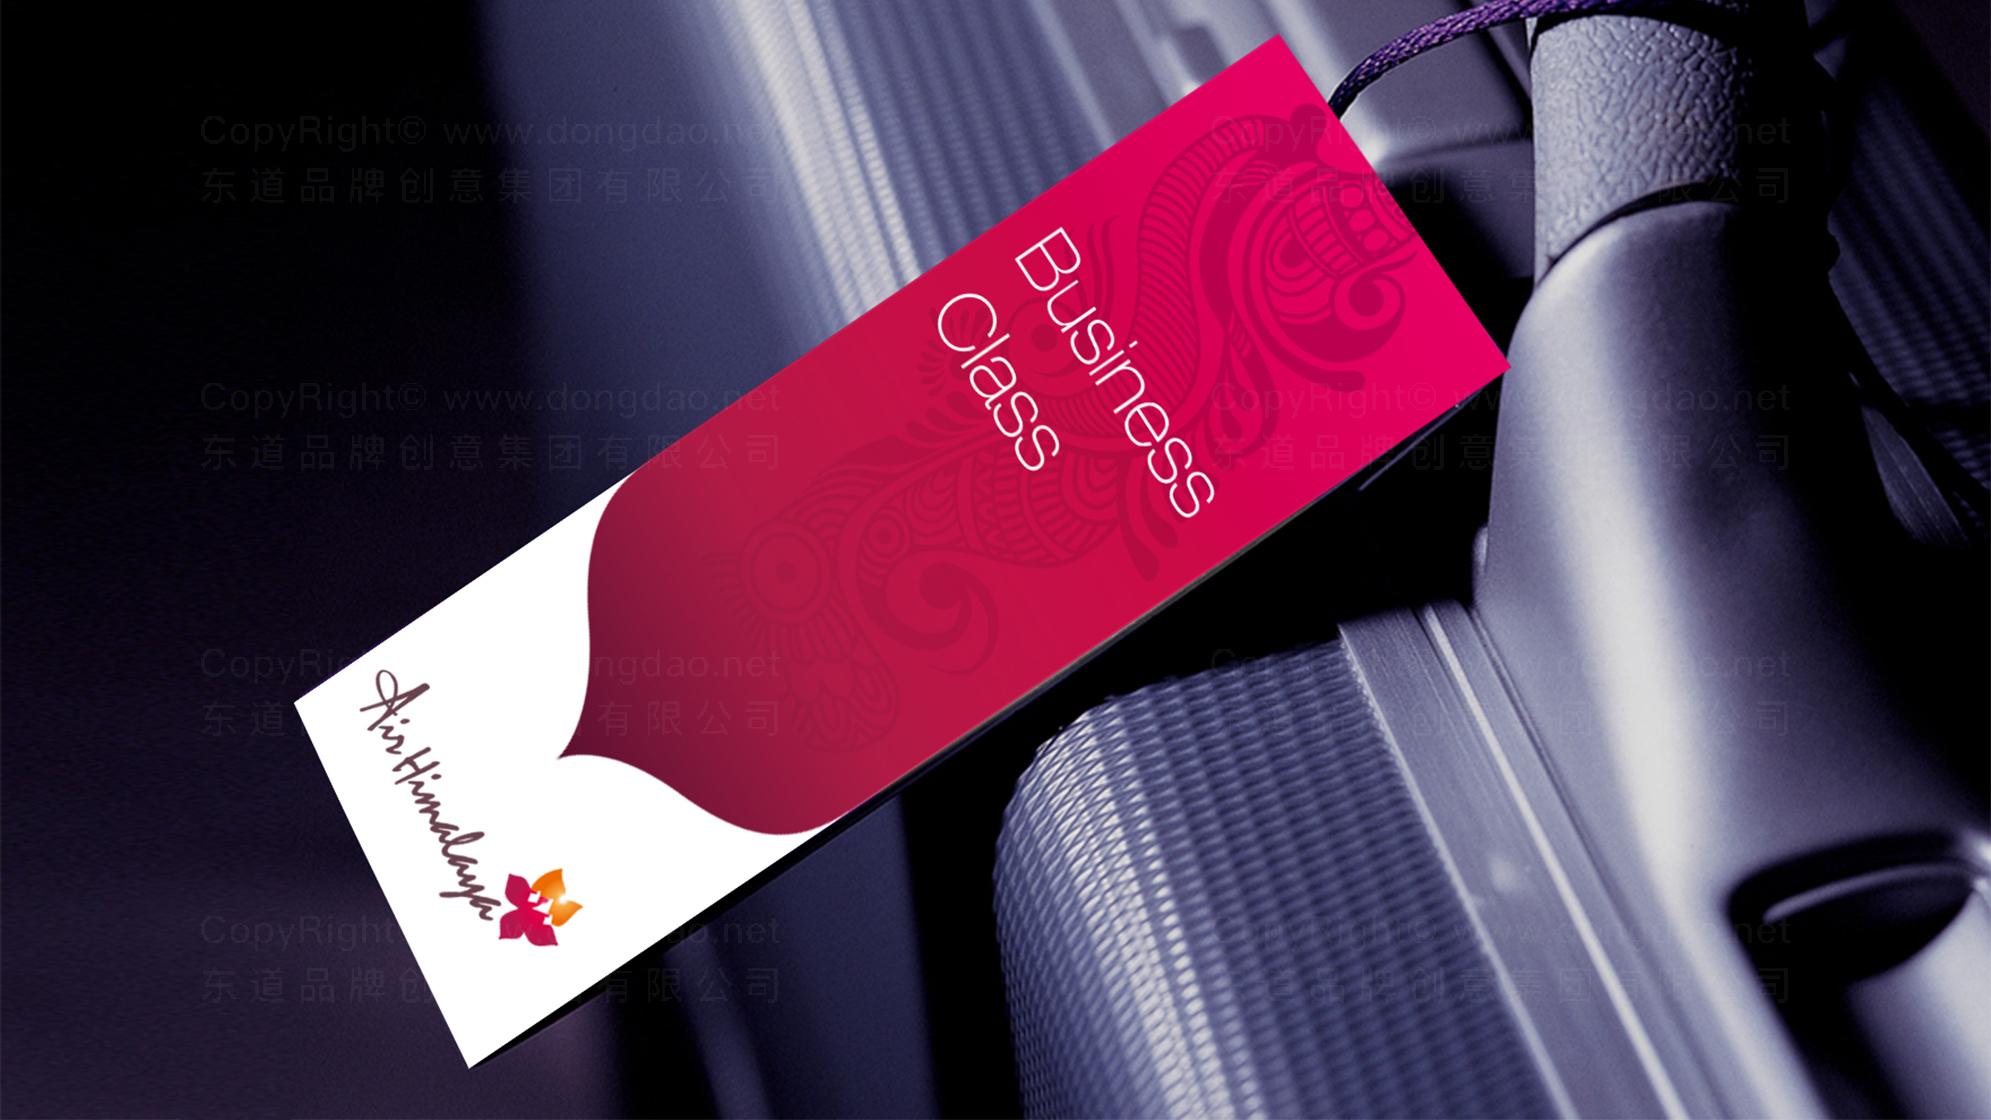 品牌设计喜马拉雅航空设计方案应用场景_5